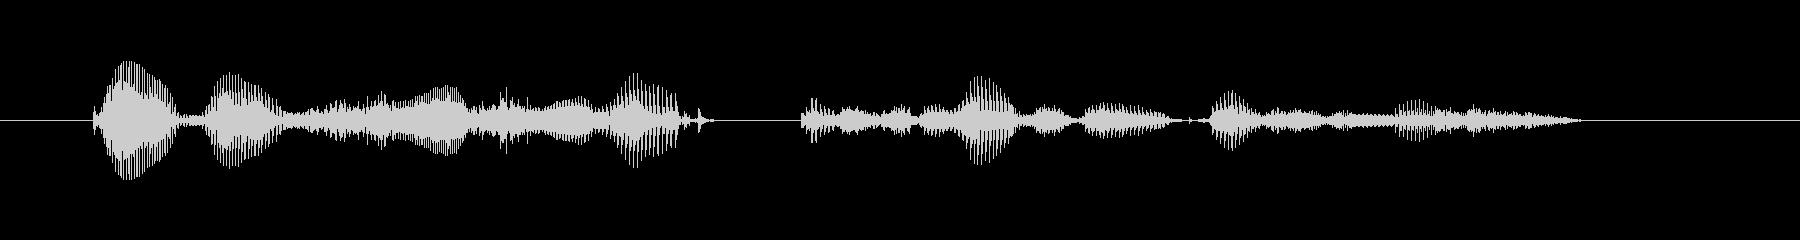 【時報・時間】午後10時を、お知らせい…の未再生の波形